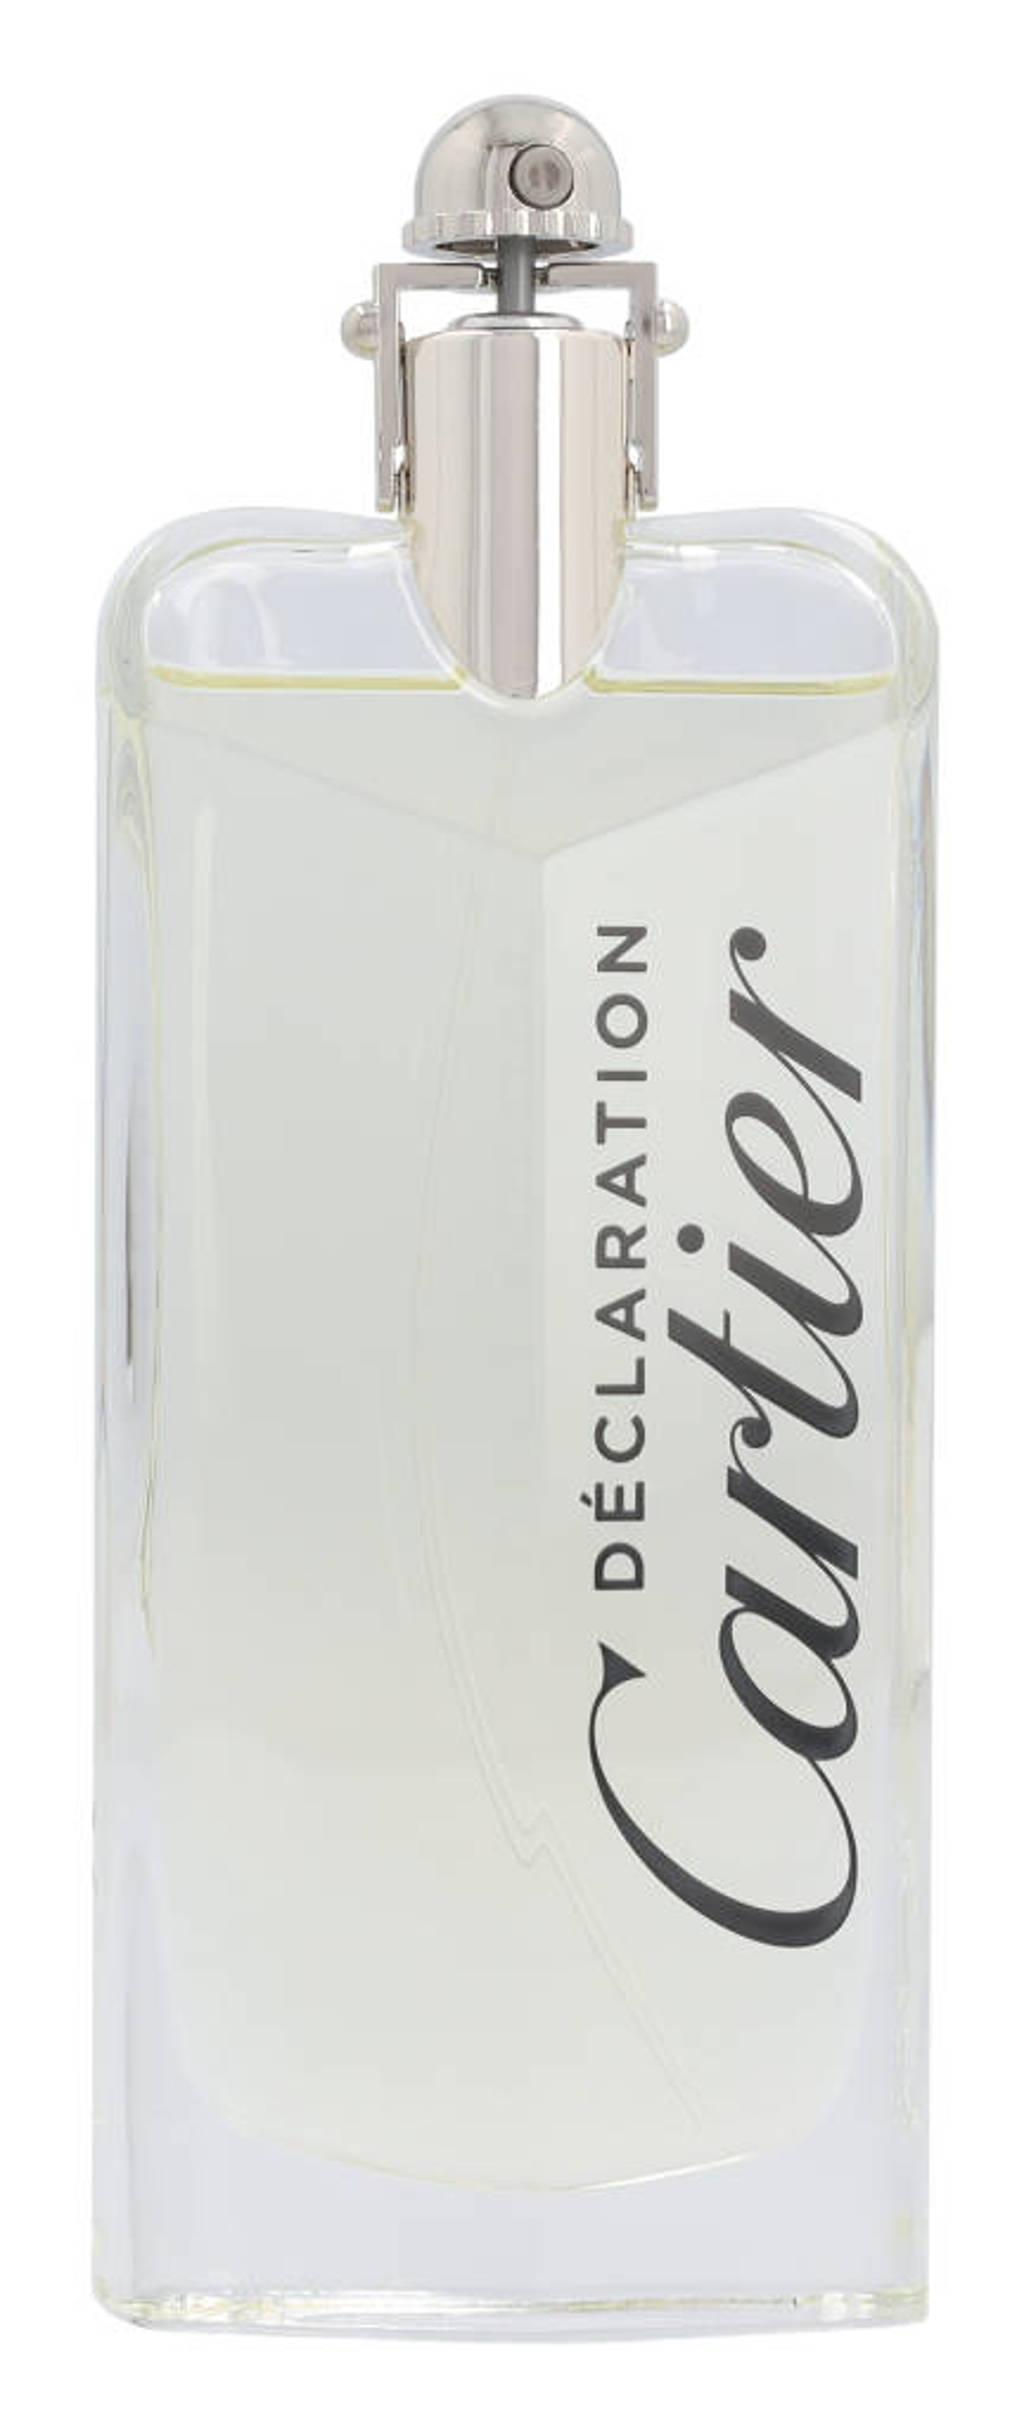 Cartier Declaration eau de toilette - 100 ml